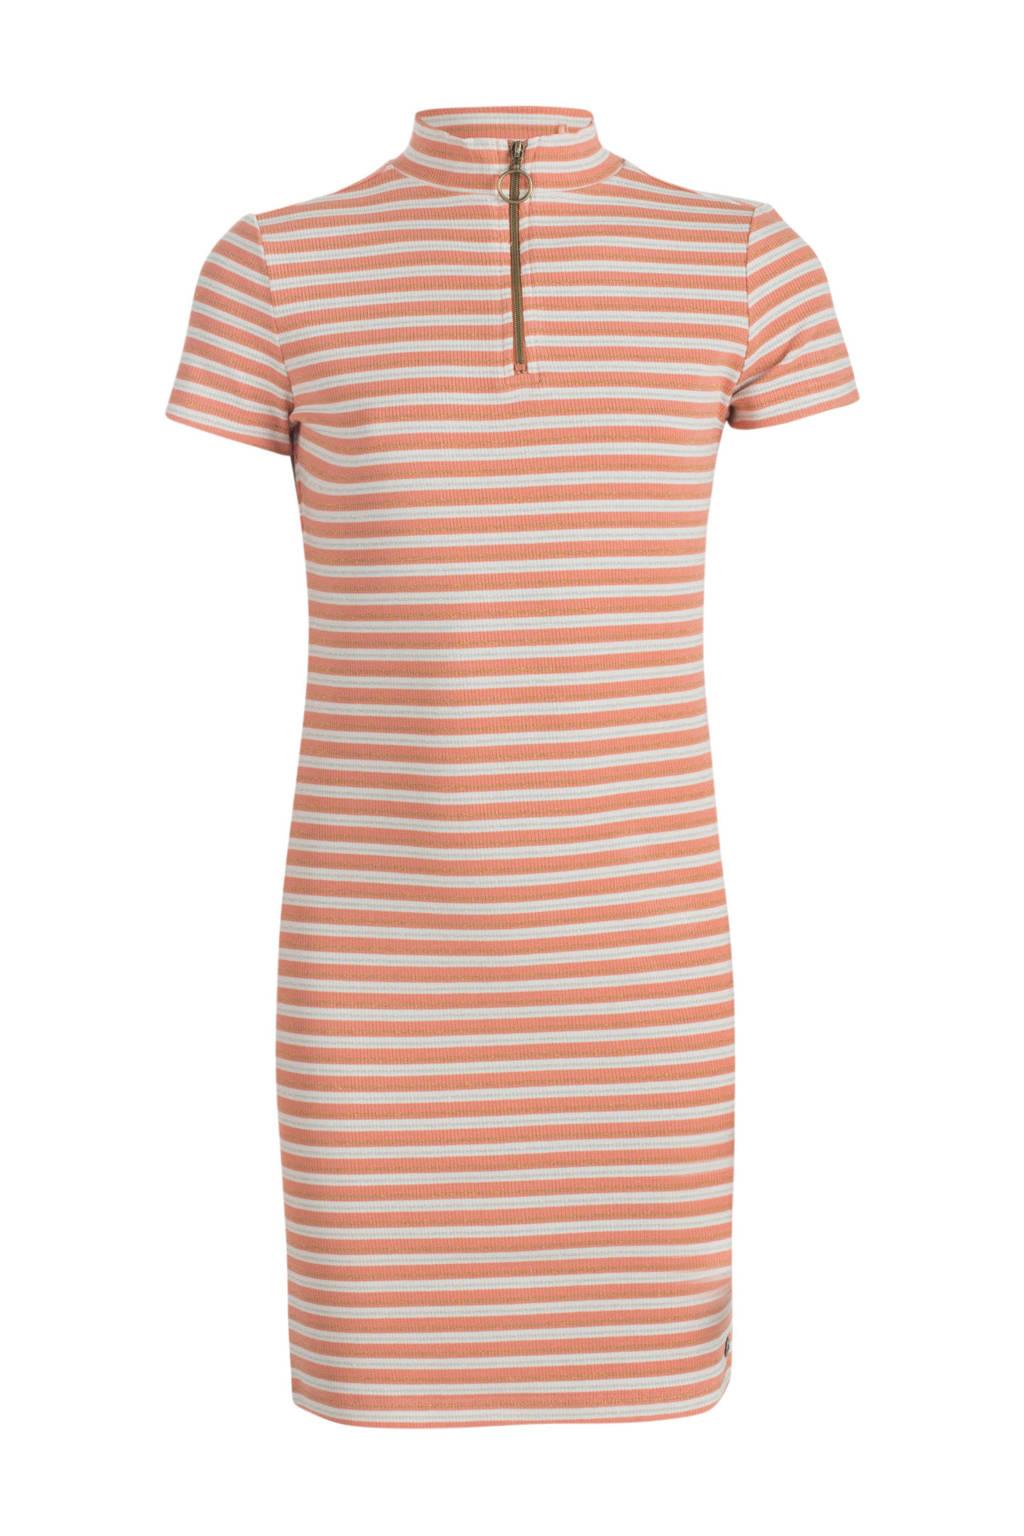 JILL MITCH gestreepte jurk Reona roze/ecru/goud, Roze/ecru/goud